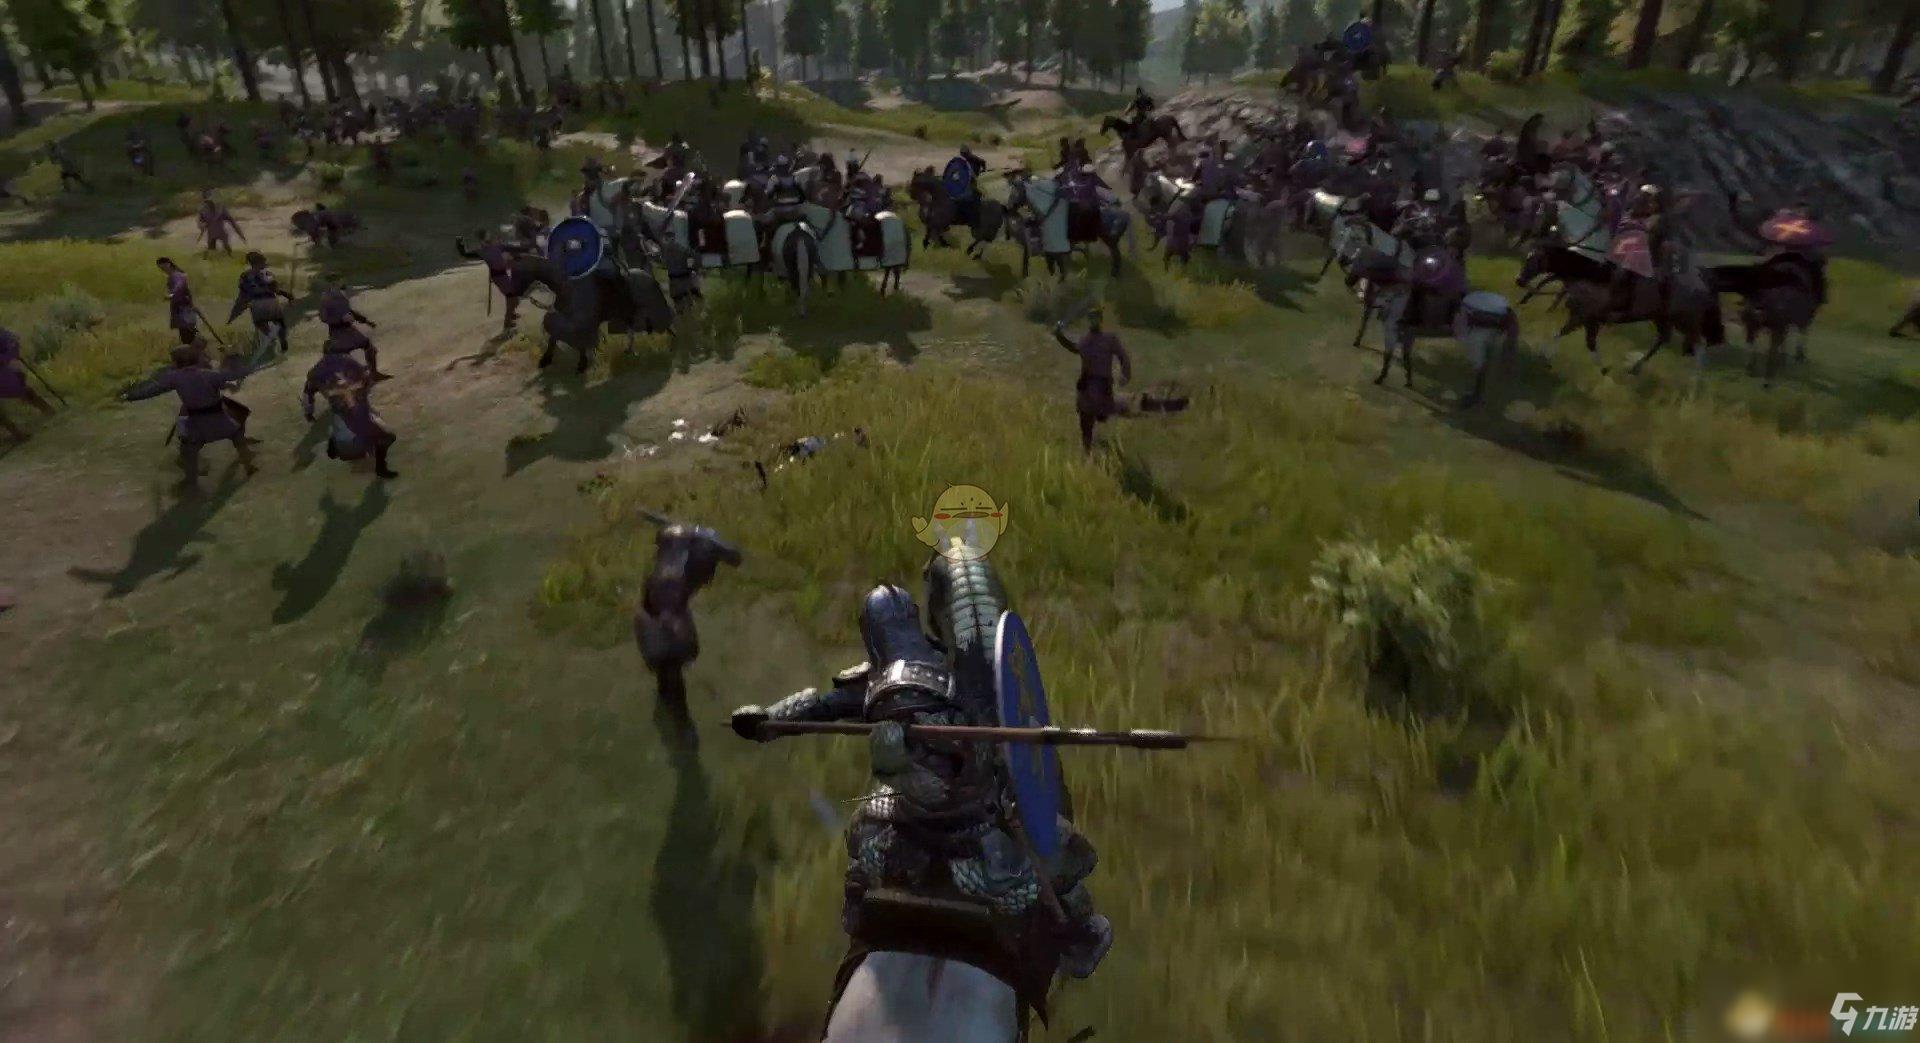 《骑马与砍杀2》前期用什么武器 前期最好用武器介绍